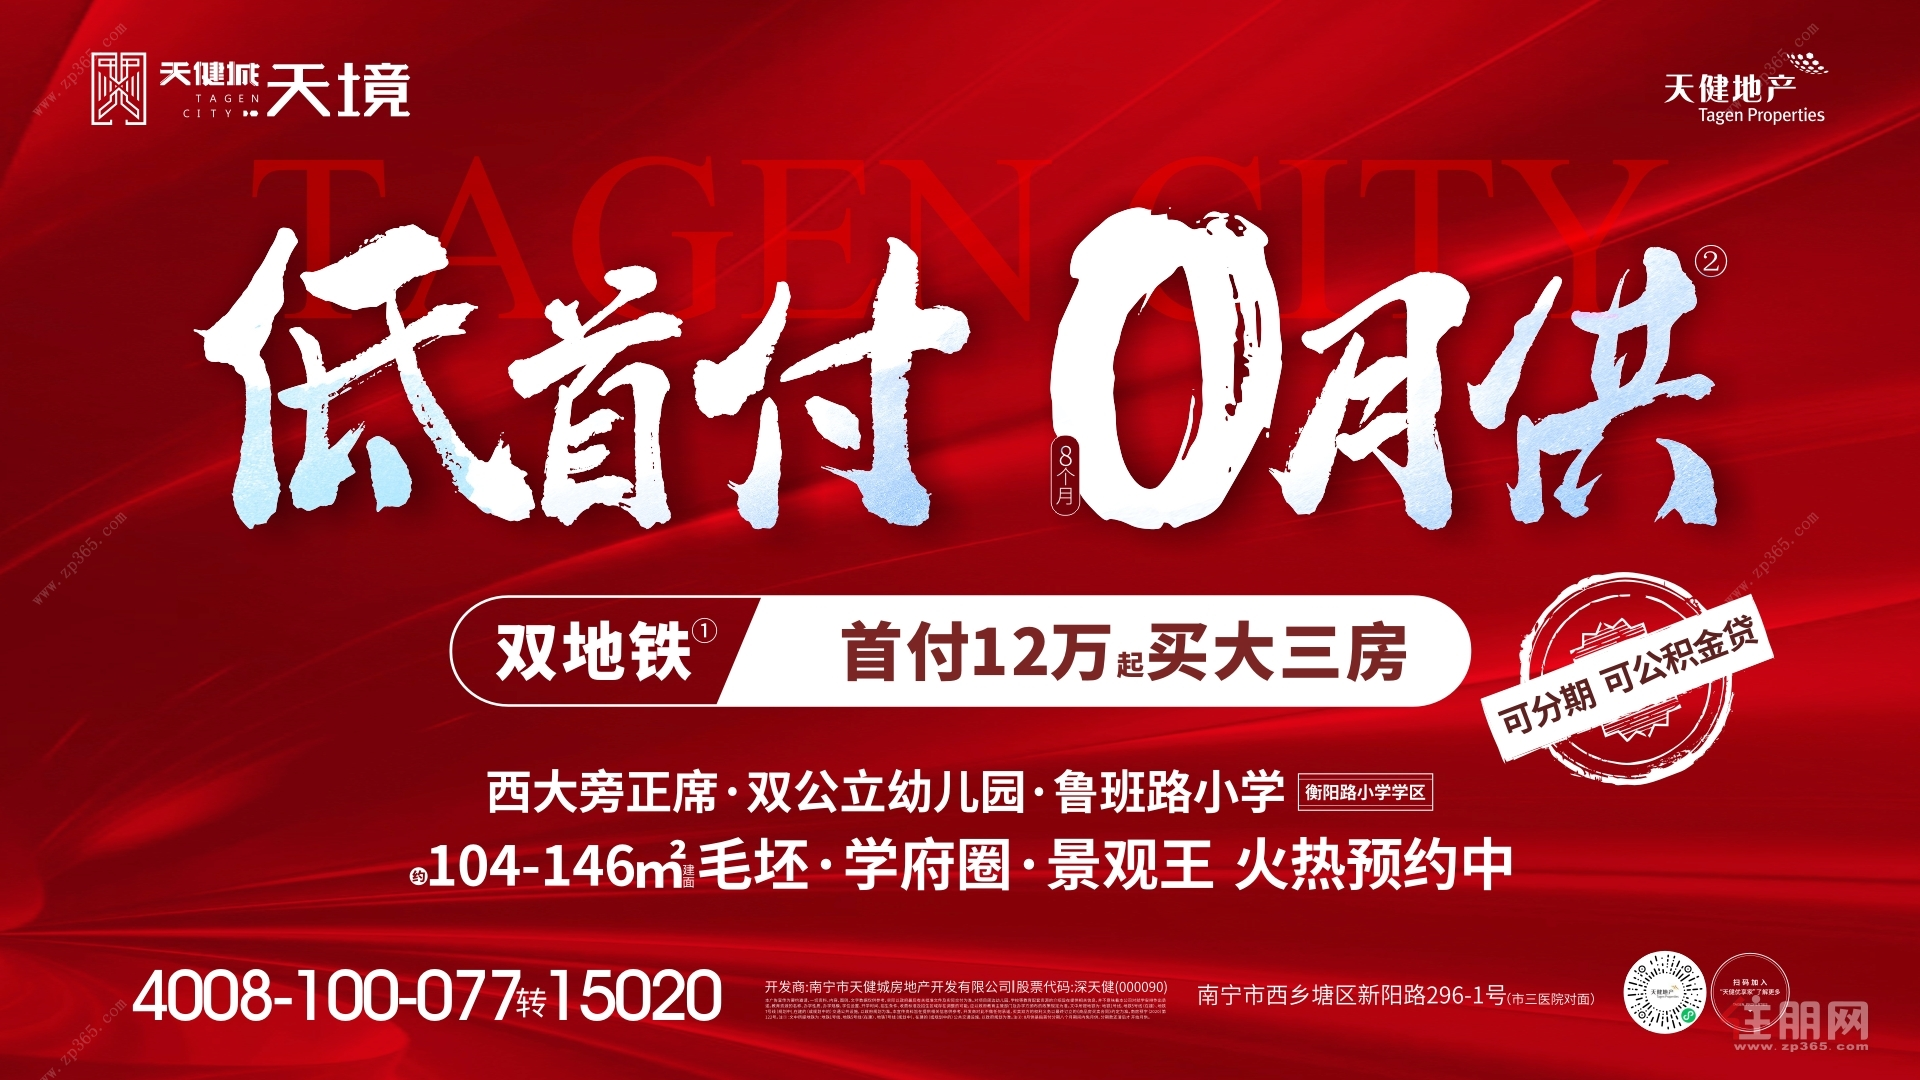 2021年2月21日西乡塘看房团:天健城·天境